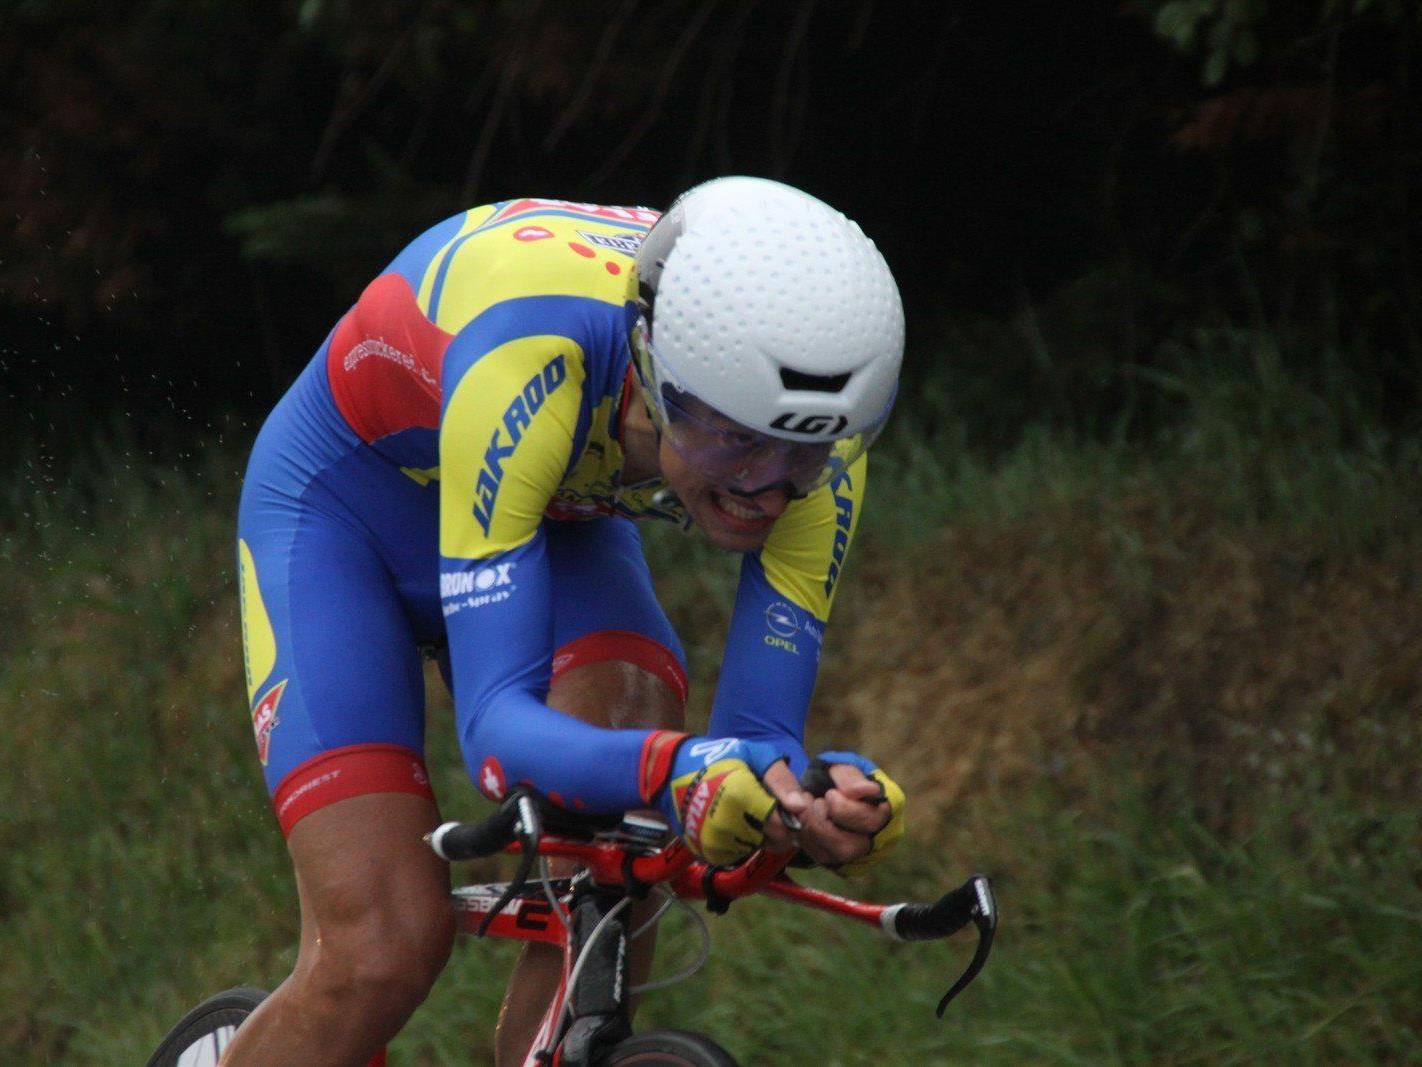 Der französische Topfahrer Nicolas Baldo tritt ab sofort für den heimischen Profiradrennstall in die Pedale.